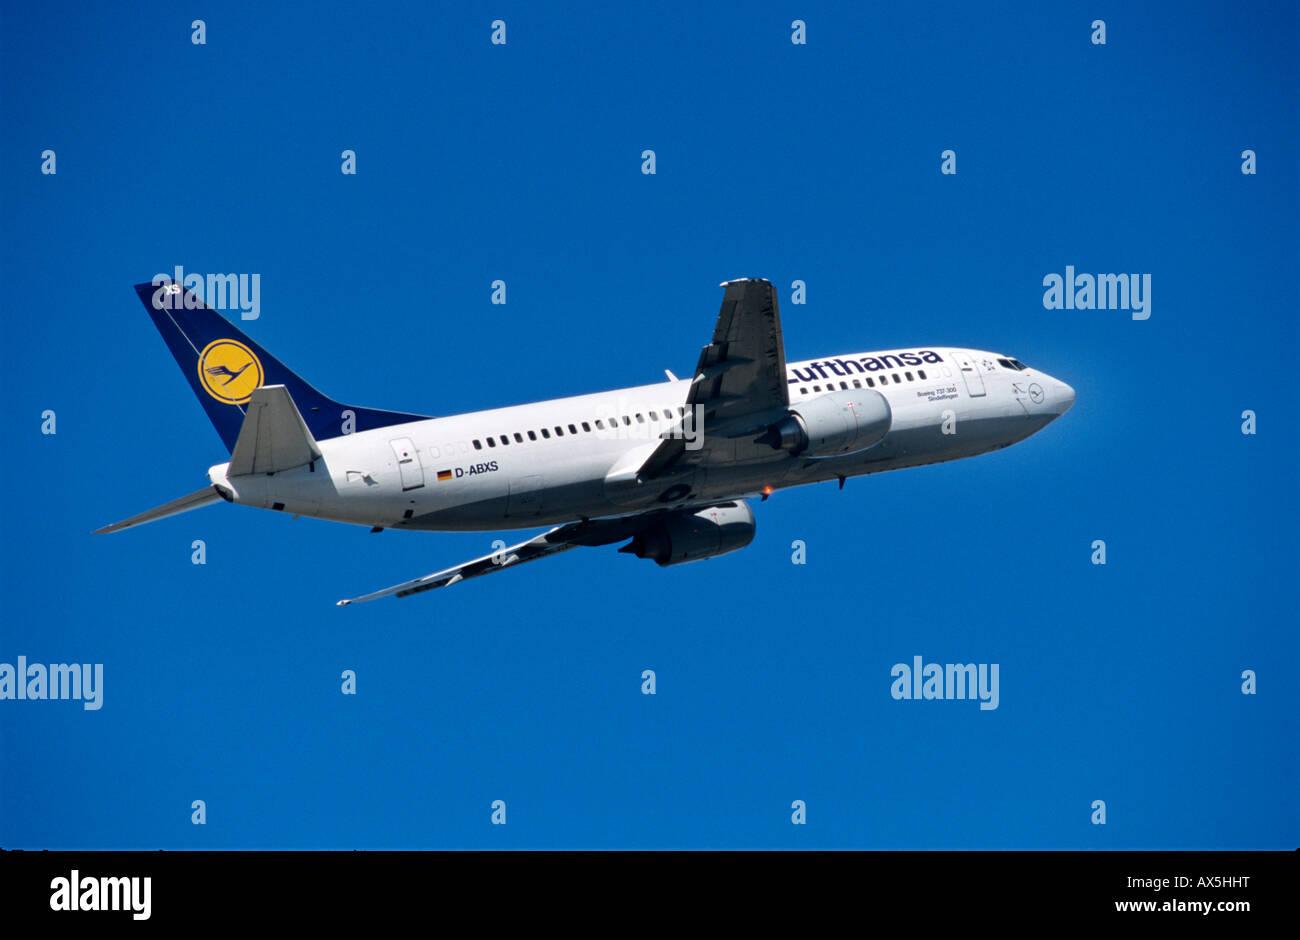 lufthansa-boeing-737-climb-AX5HHT.jpg